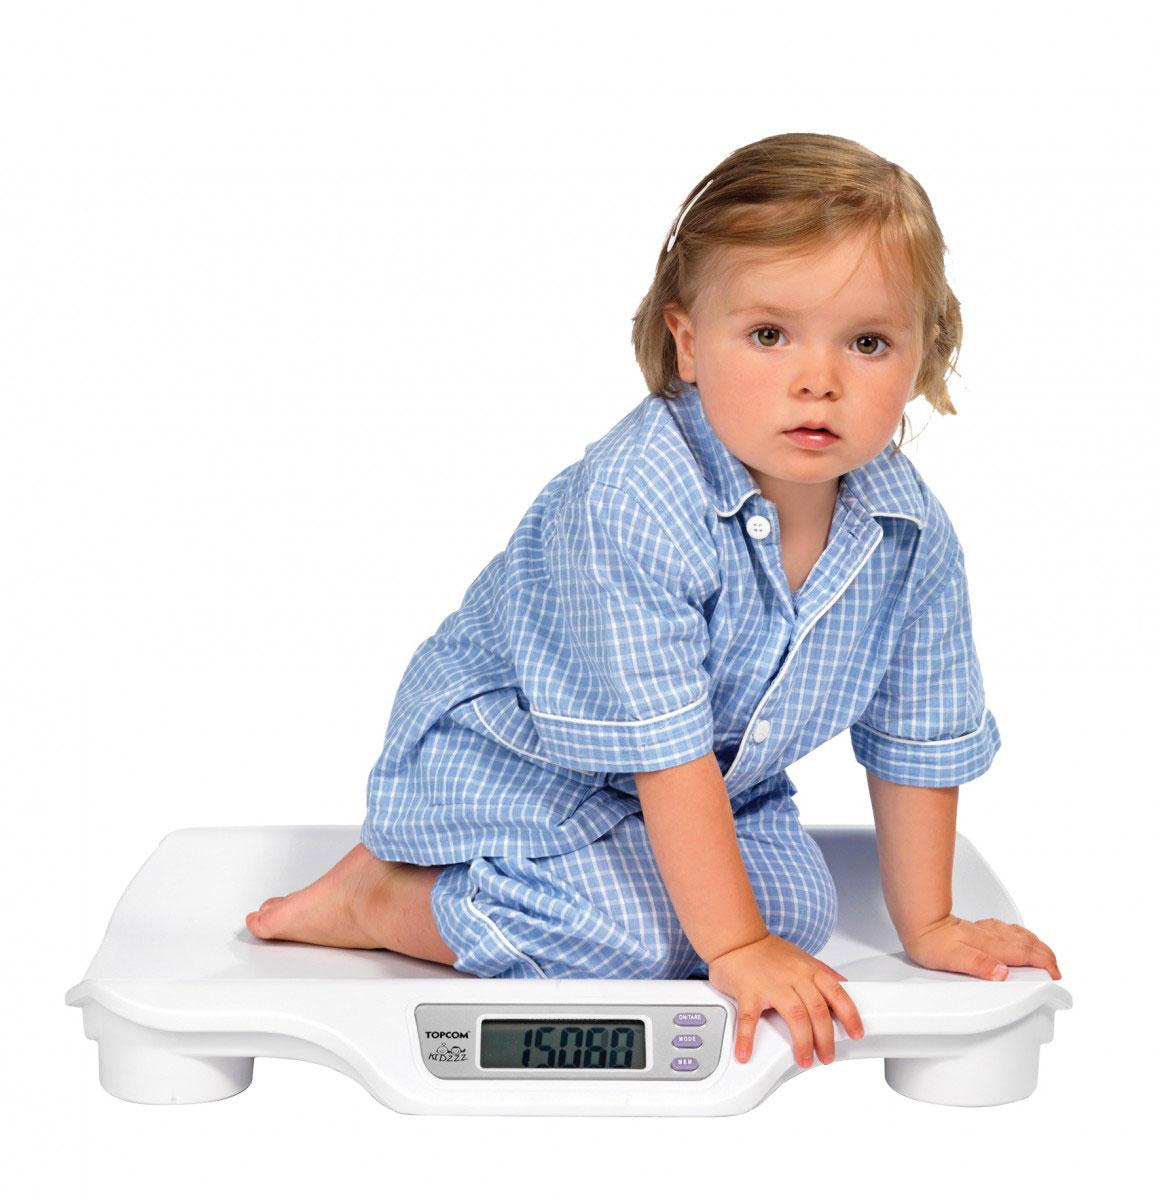 Рассчитать индекс массы тела онлайн ребенка